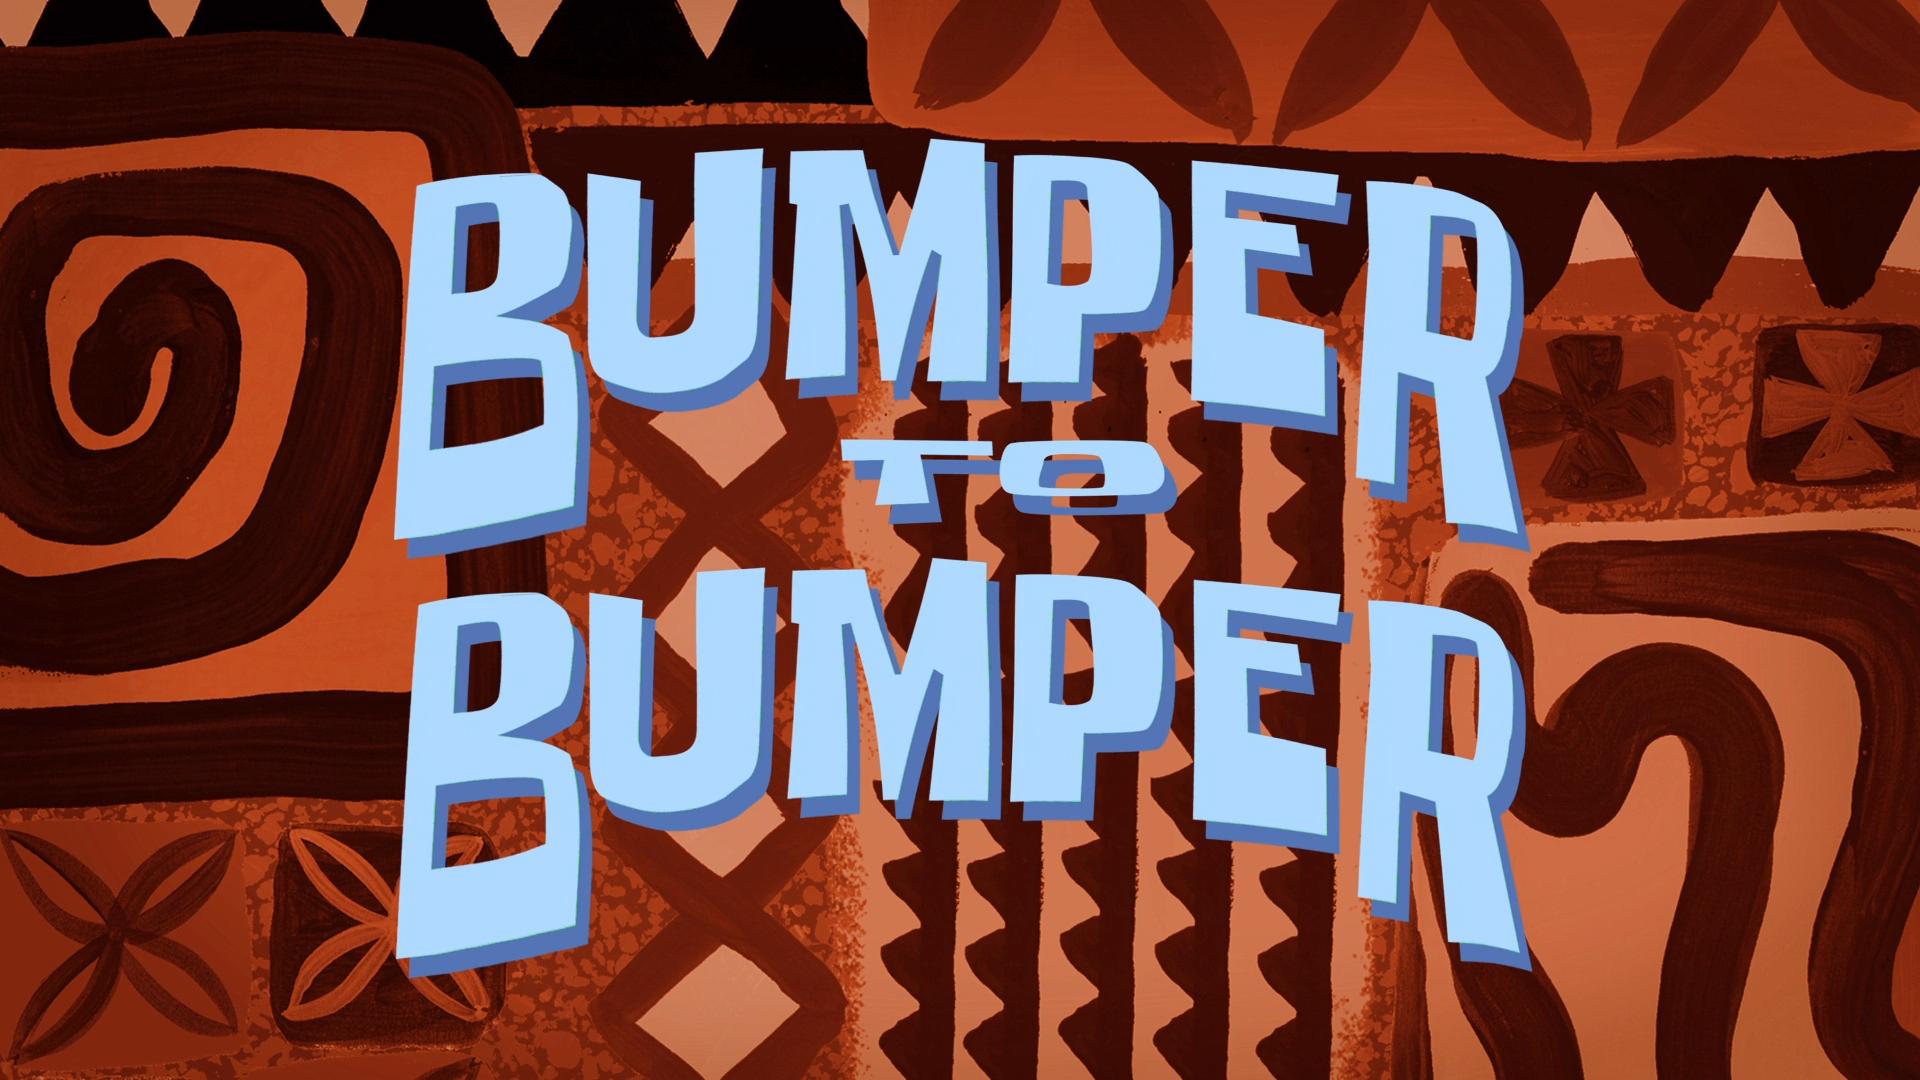 Bumper to Bumper/transcript